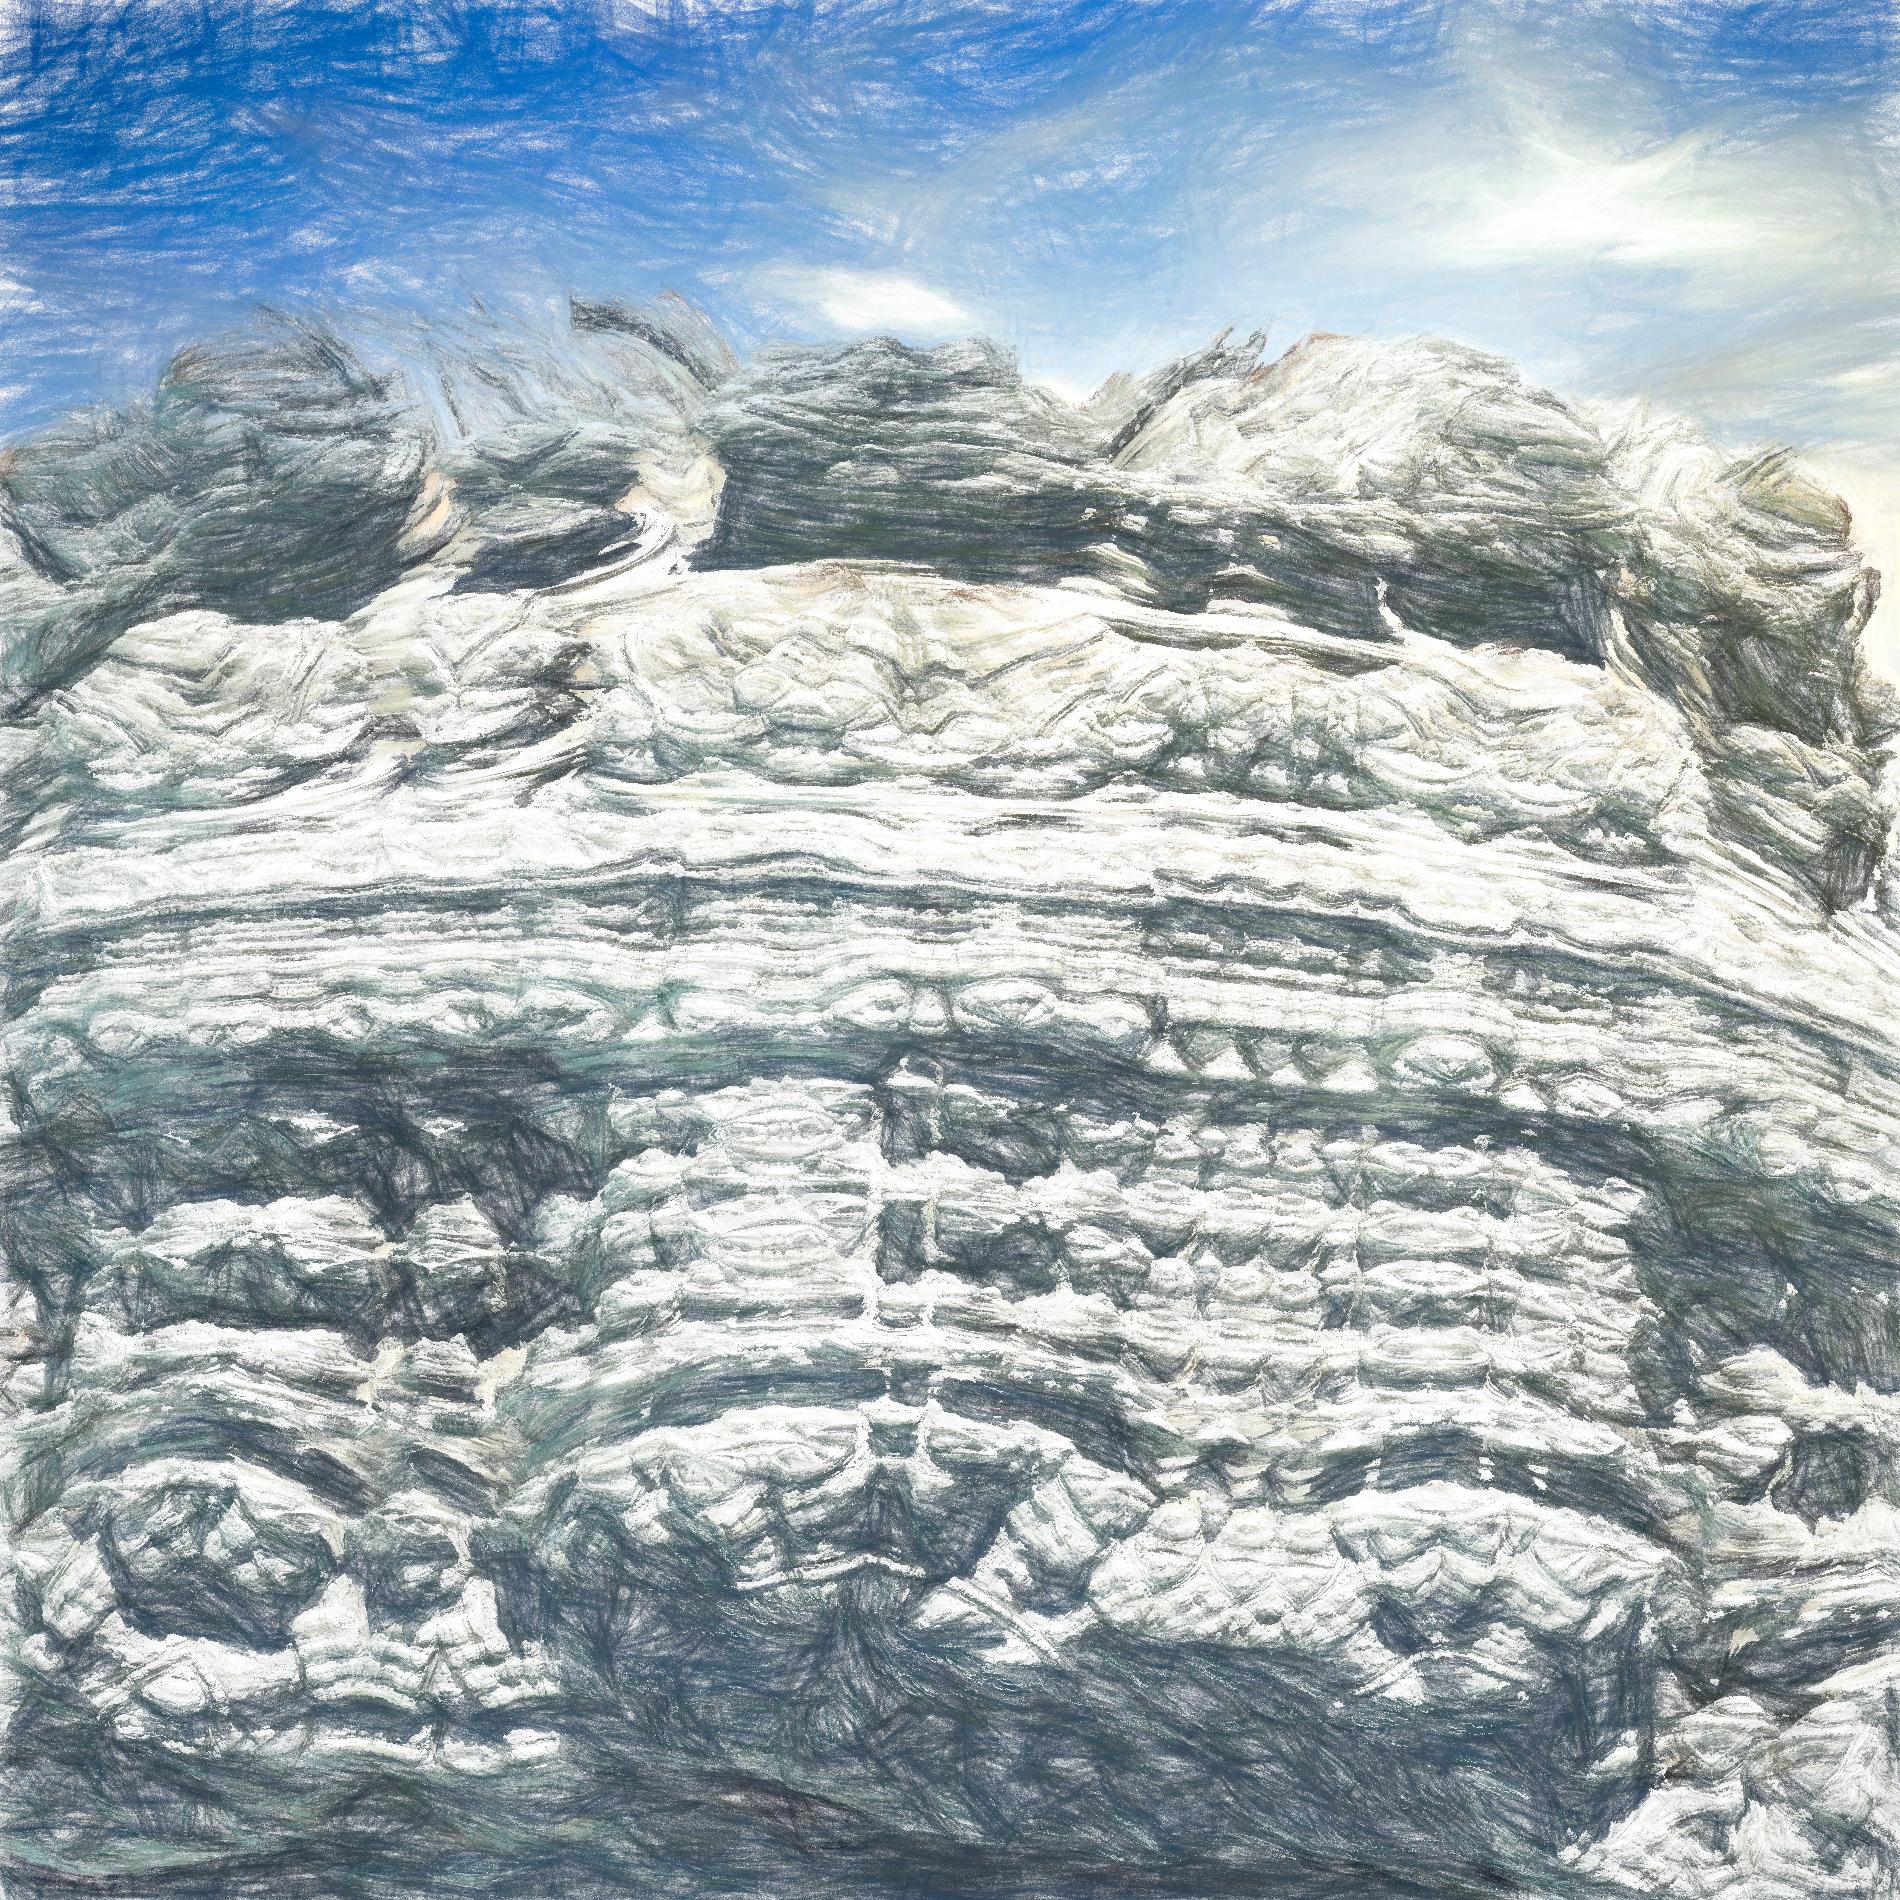 絶壁で冷たい岩肌&冒険アドベンチャー風の山:パステル